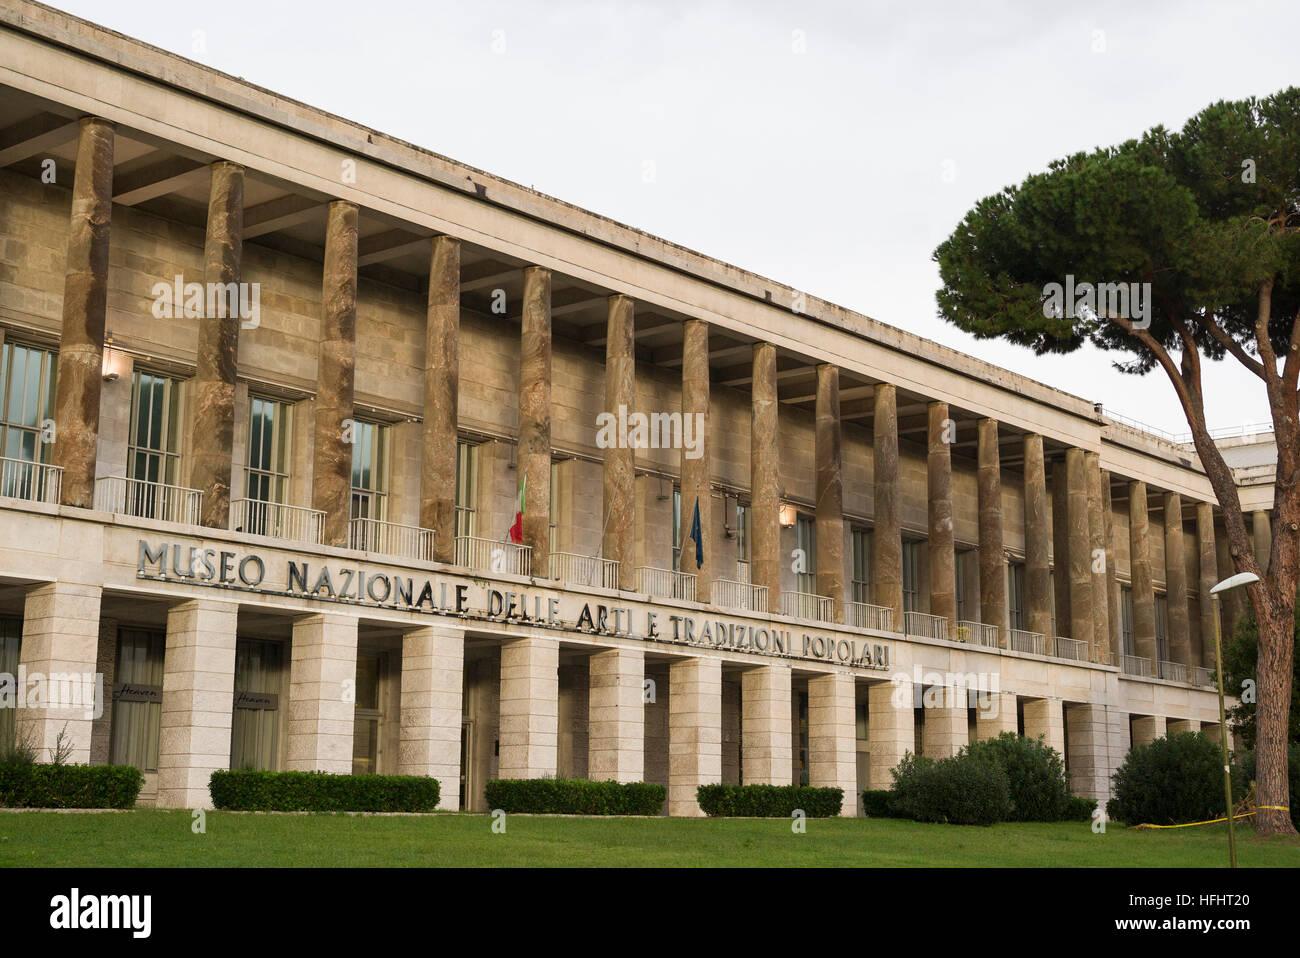 Roma. L'Italia. Museo Nazionale delle Arti e Tradizioni Popolari, sulla Piazza Guglielmo Marconi, EUR. Immagini Stock